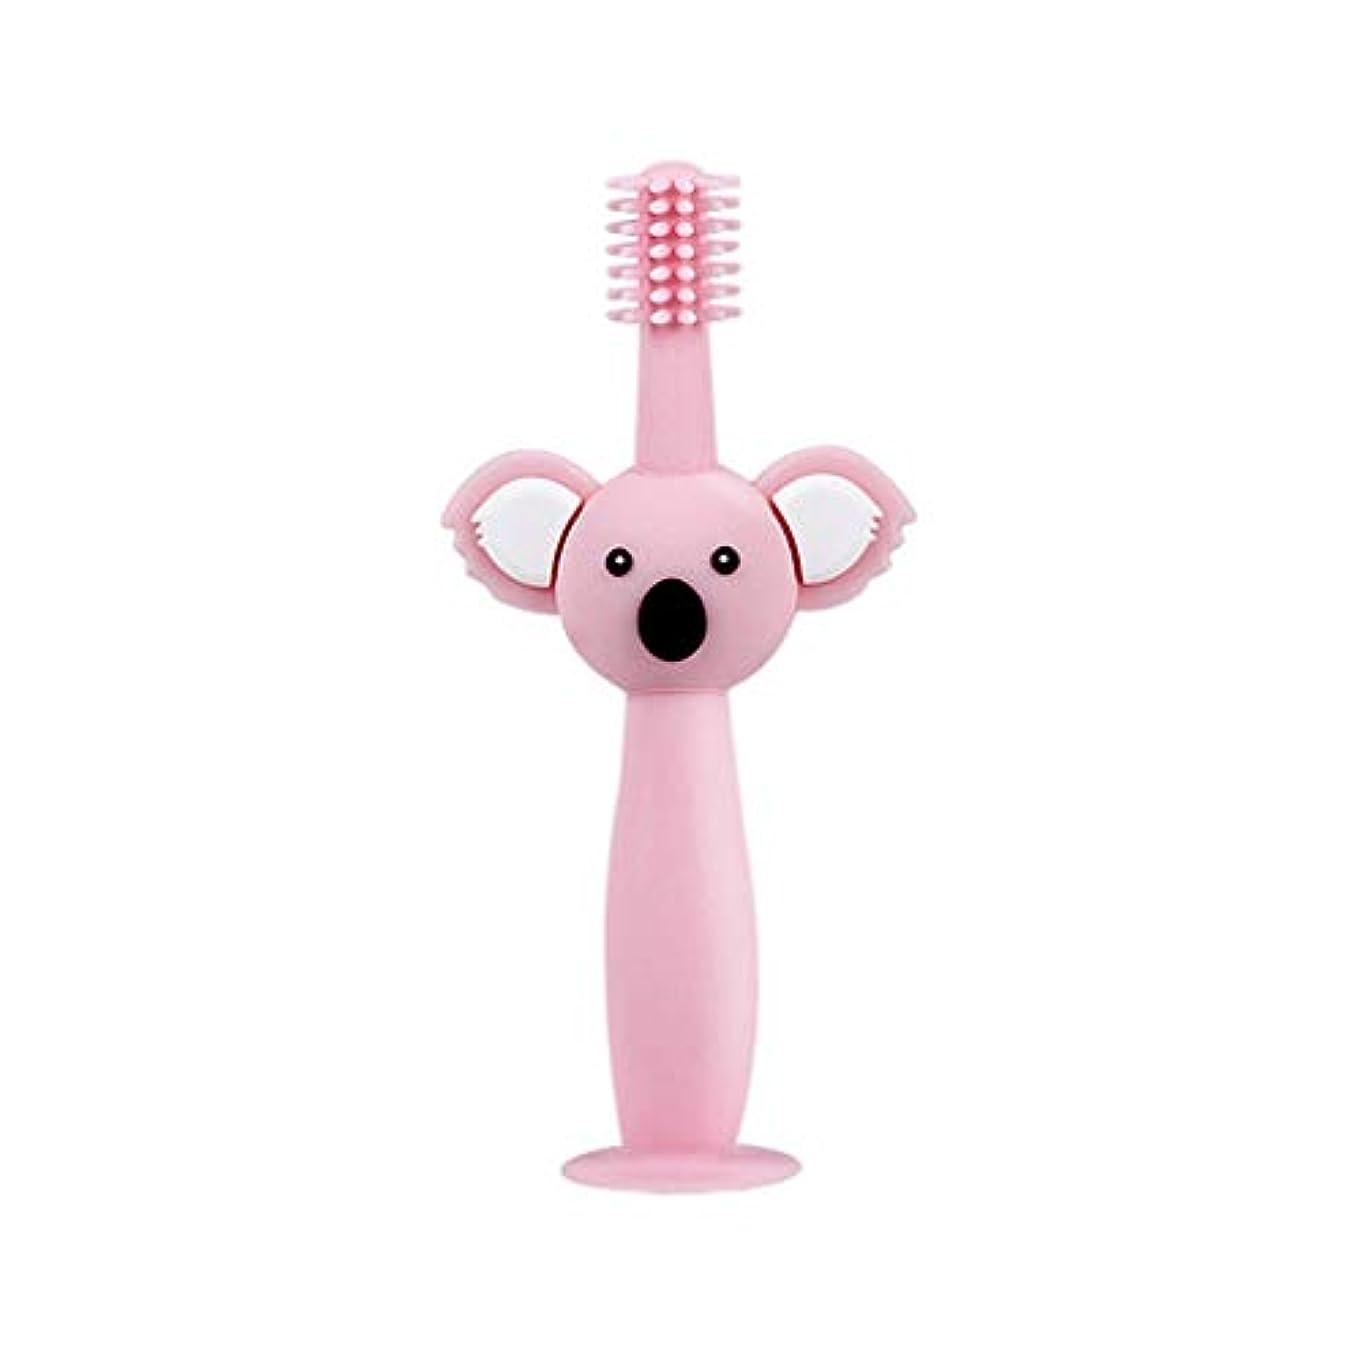 裏切り者是正知るBiuuu 360°赤ちゃん歯ブラシコアラ頭ハンドル幼児ブラッシング歯トレーニング安全なデザインソフト健康シリコーン幼児口腔ケア (ピンク)